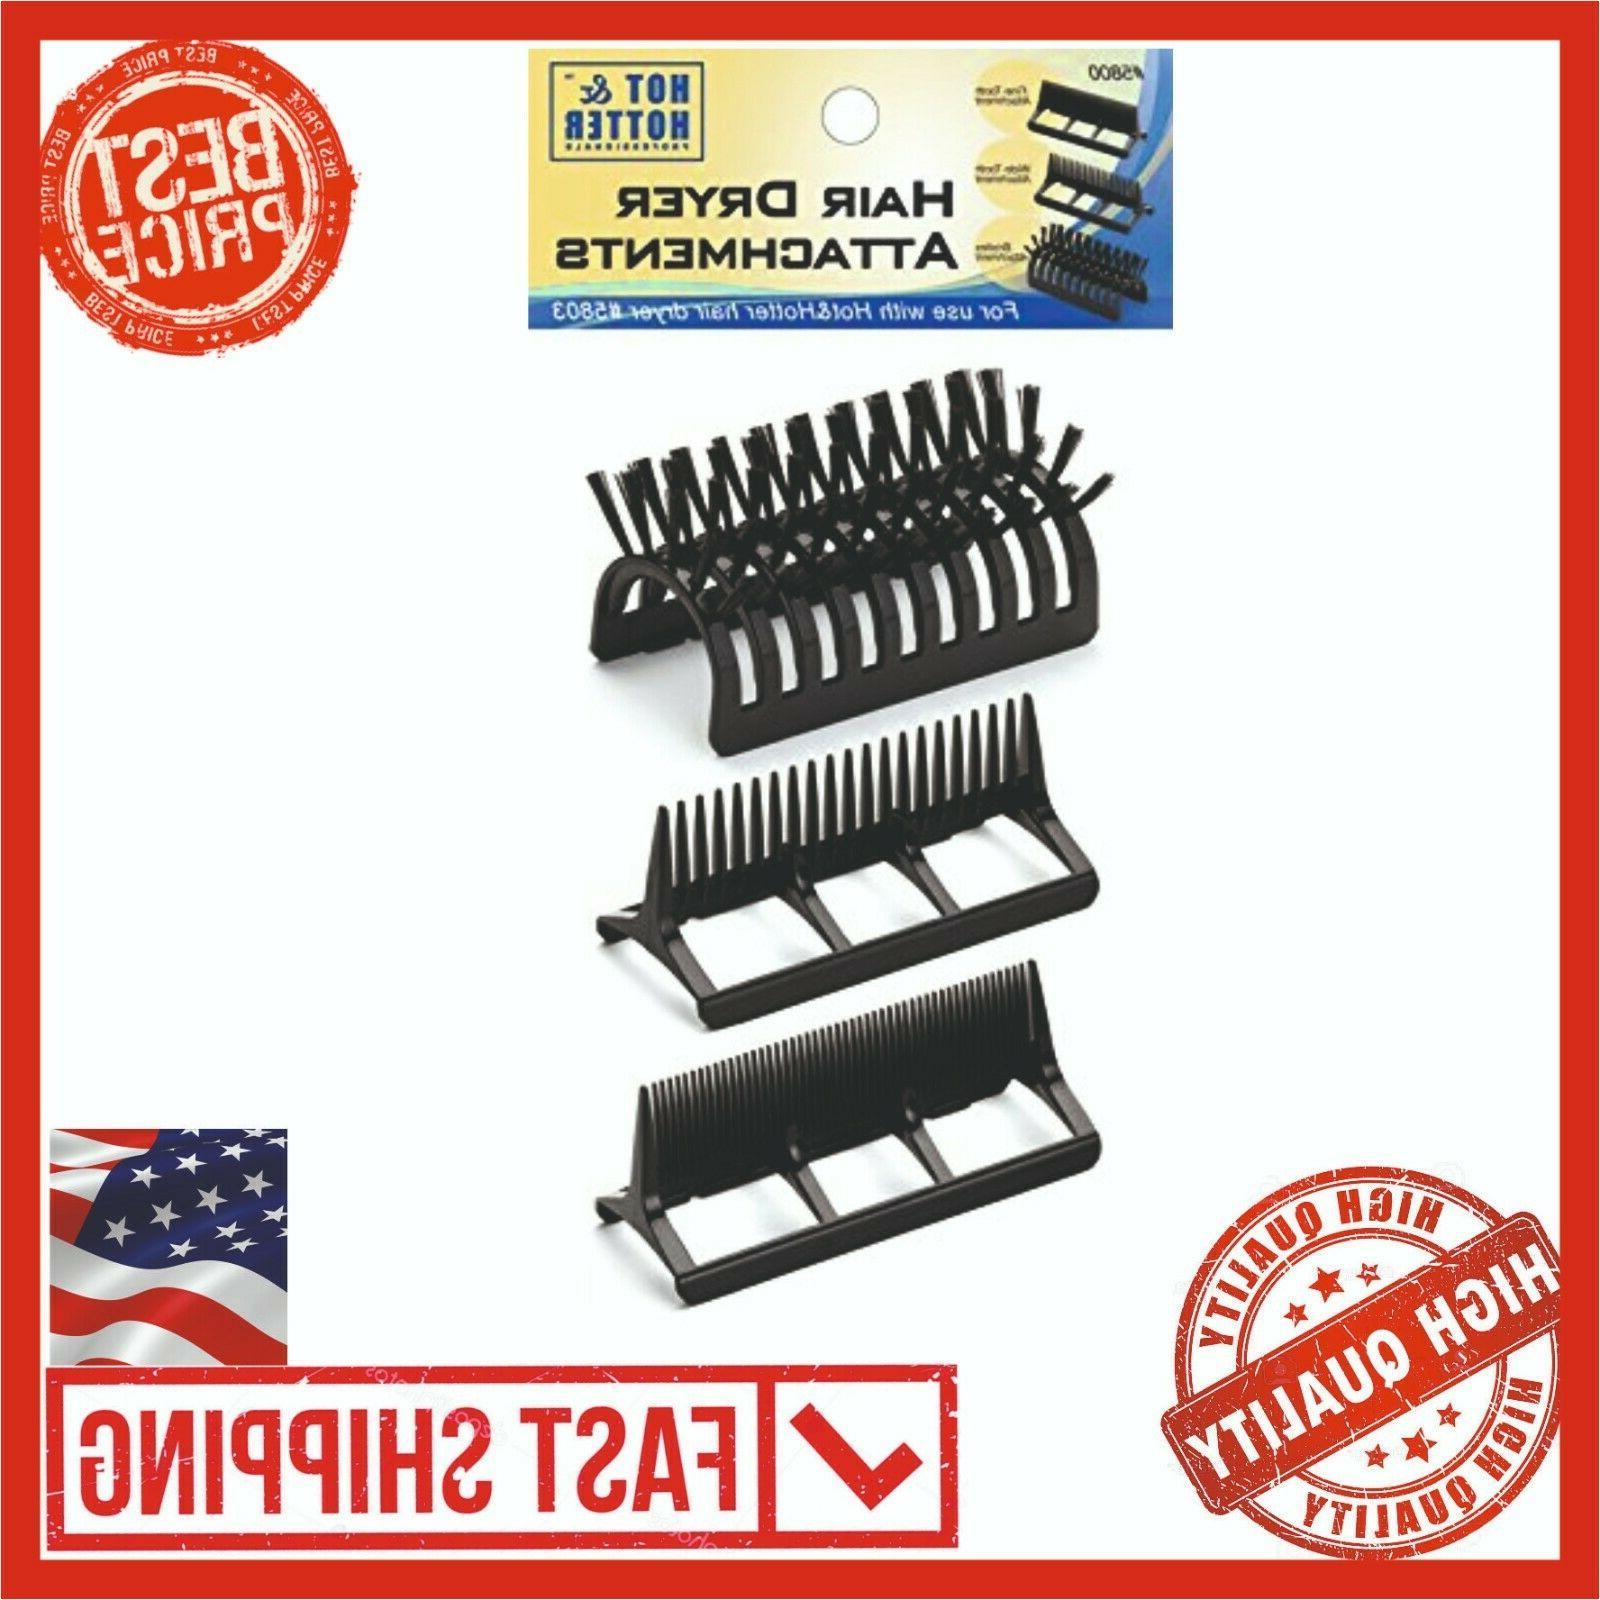 Annie Hair Dryer Attachments #5803 Beaty Women Styling Haird